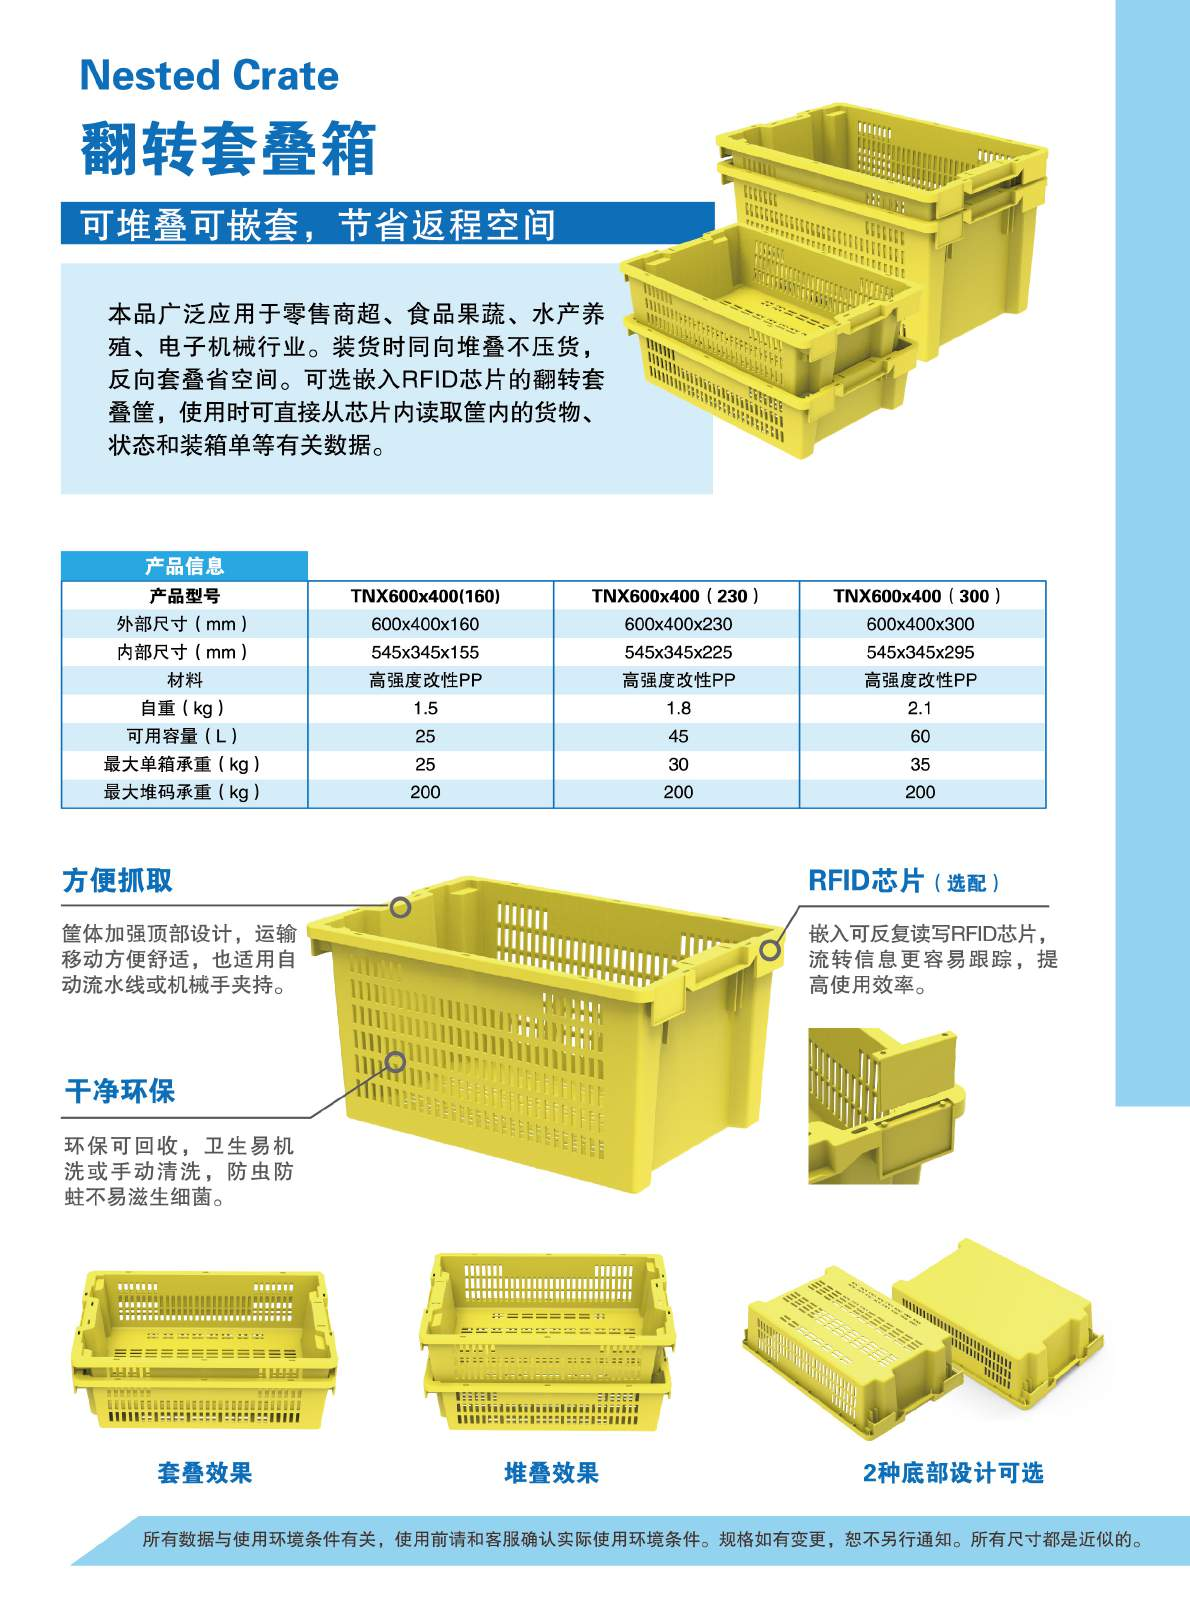 塑料单元化集装器具产品手册-中文_页面_4.jpg